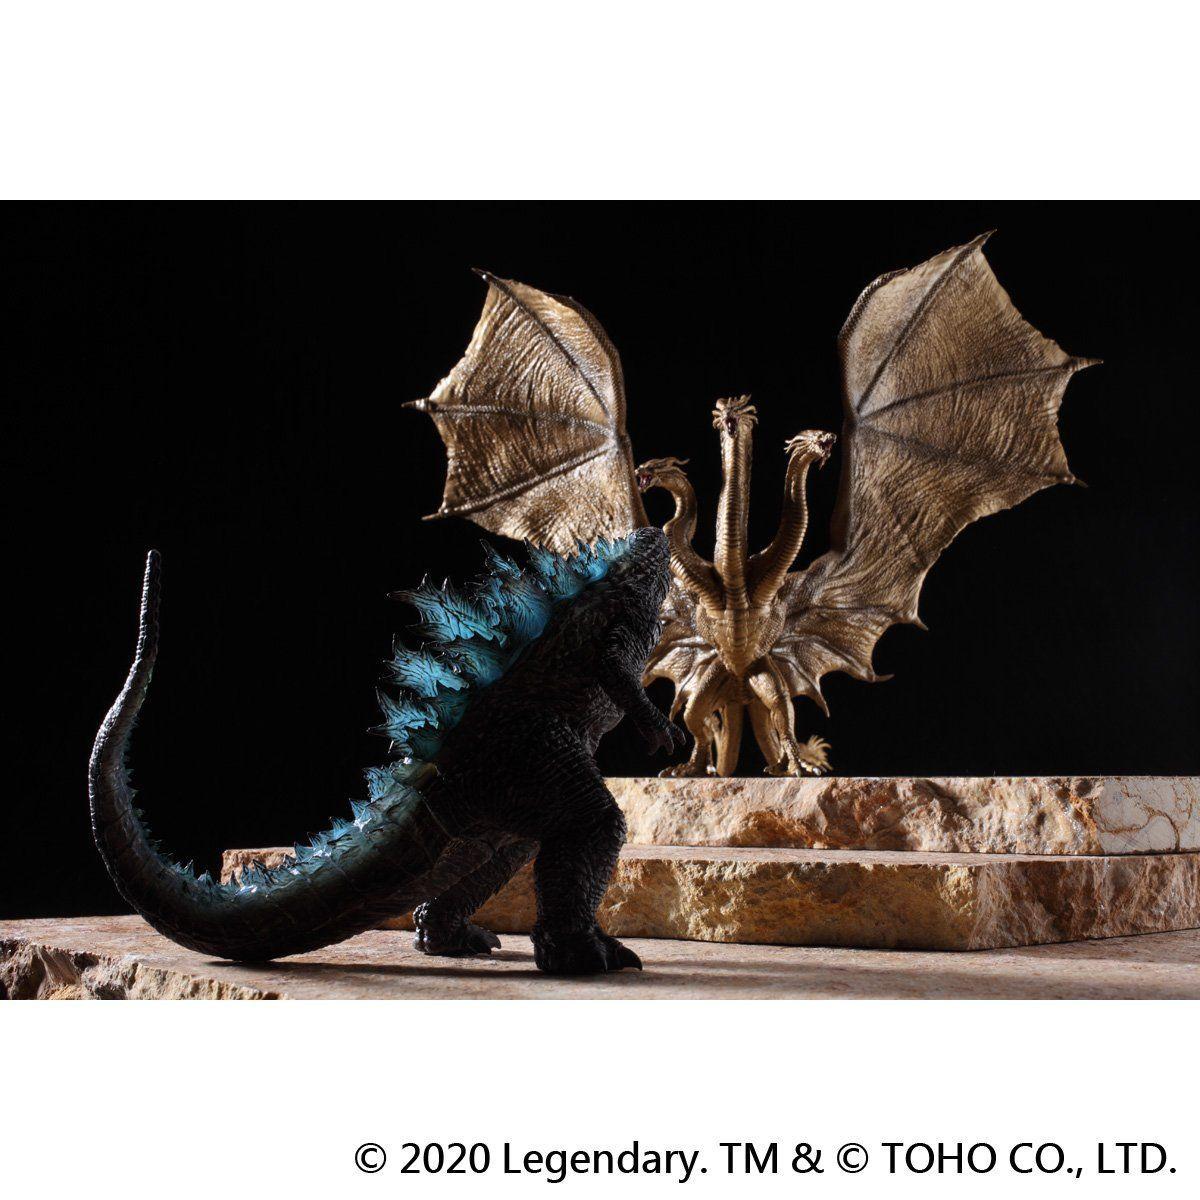 激造シリーズ『GODZILLA(2019)』ゴジラ キング・オブ・モンスターズ BOX-010